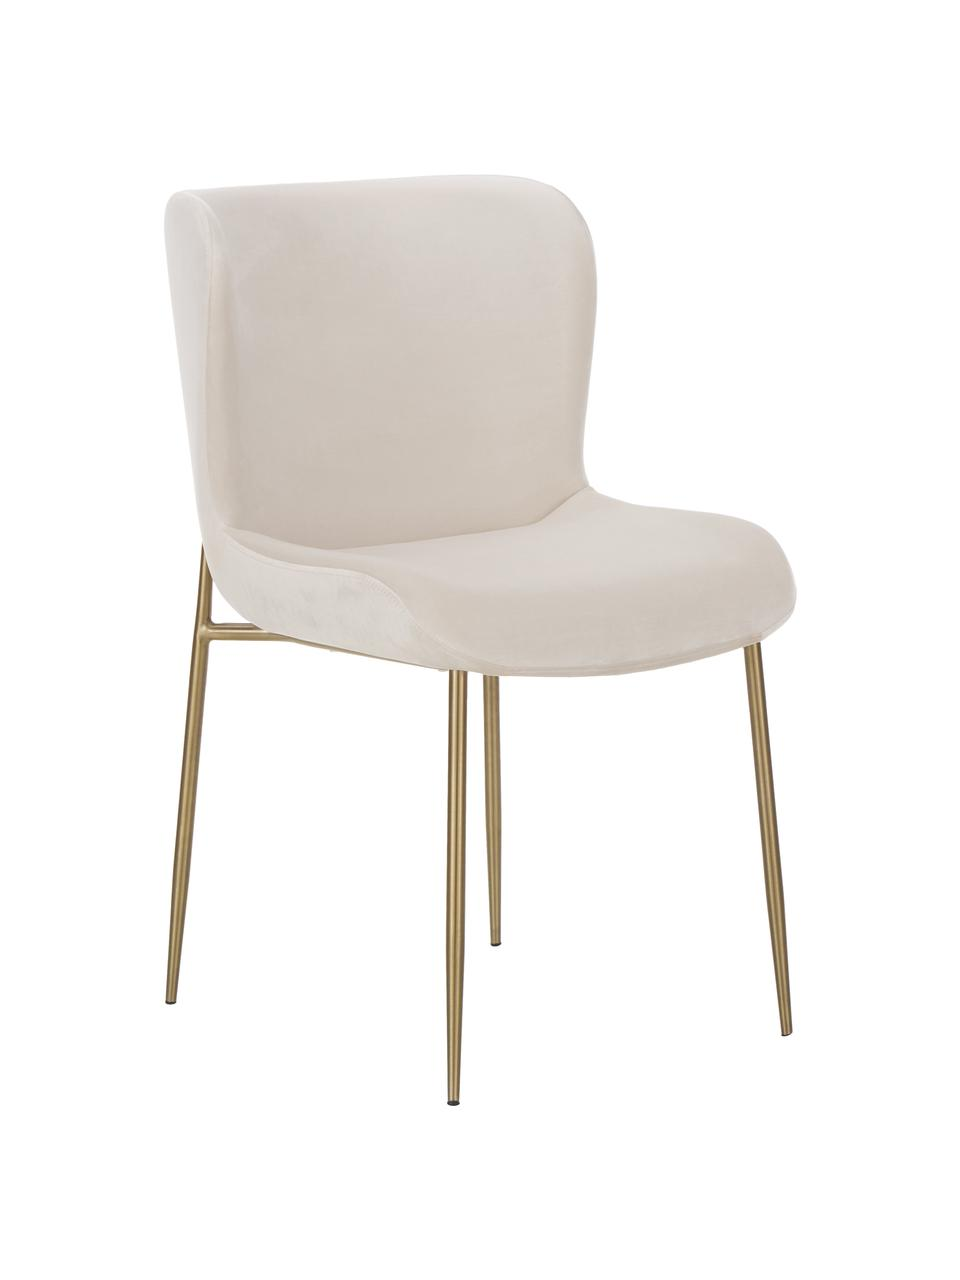 Sedia imbottita in velluto beige Tess, Rivestimento: velluto (poliestere) Con , Gambe: metallo rivestito, Velluto beige, dorato, Larg. 49 x Prof. 64 cm